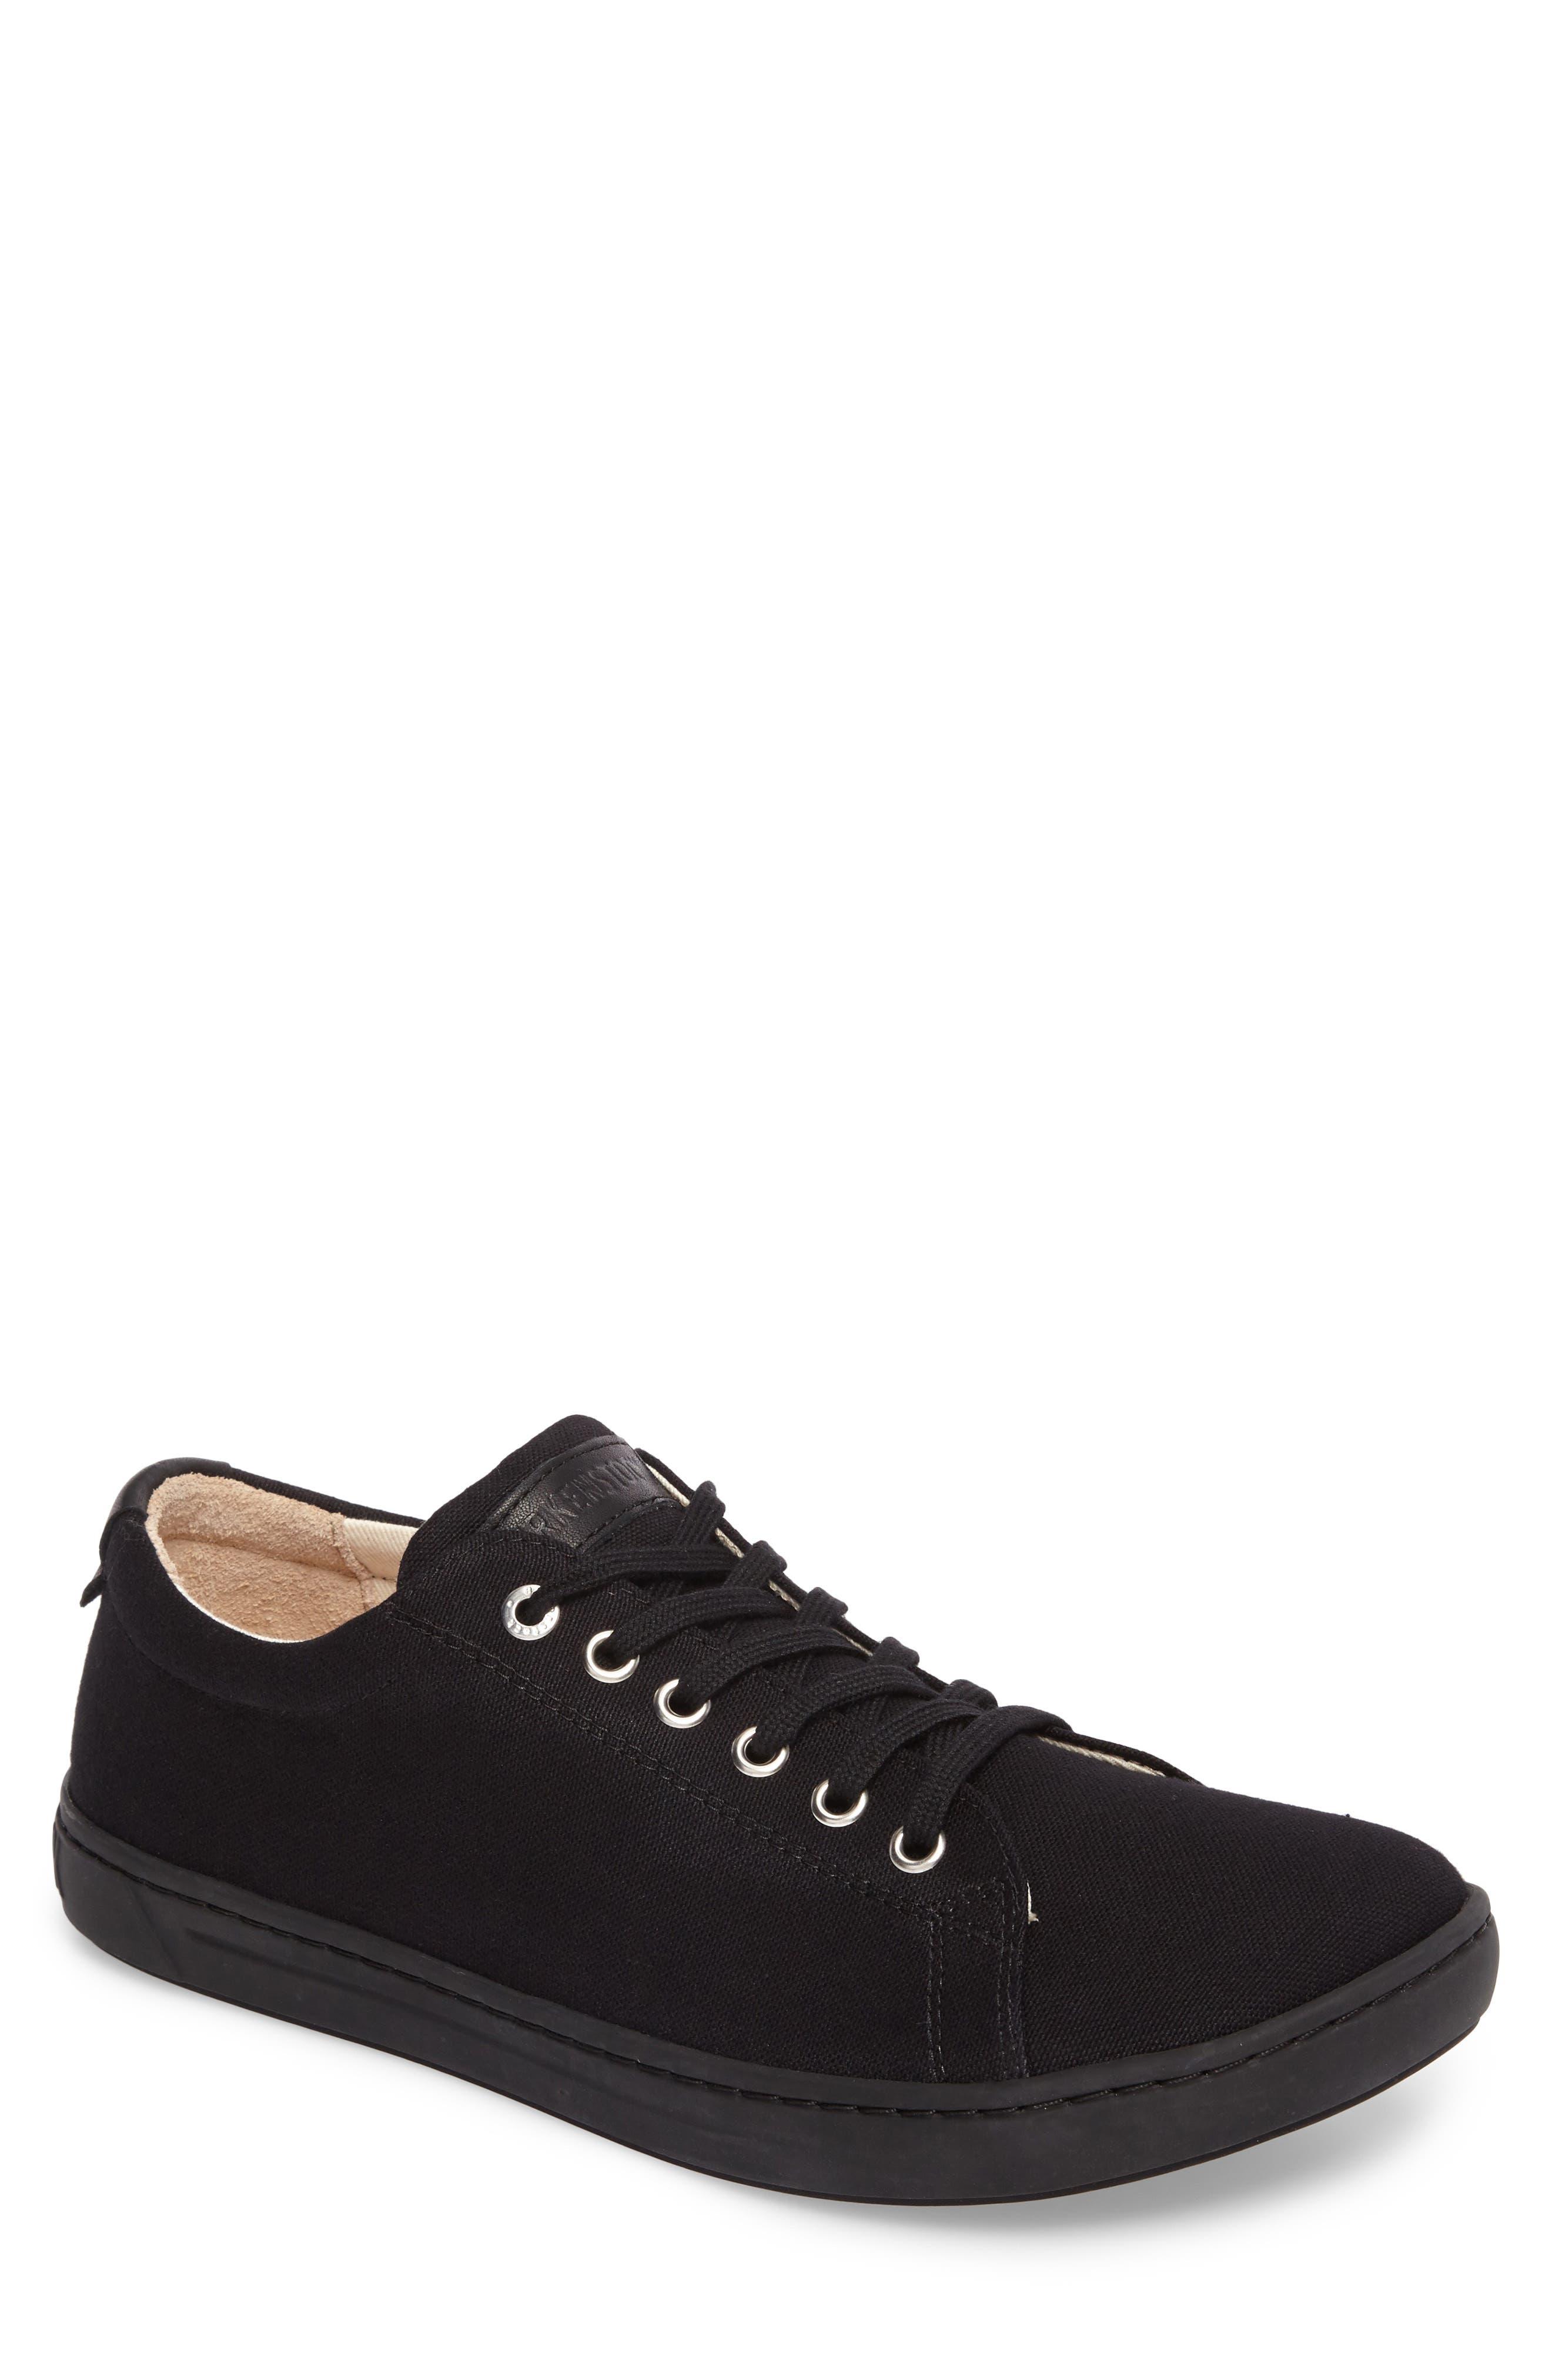 Arran Sneaker,                         Main,                         color, 001